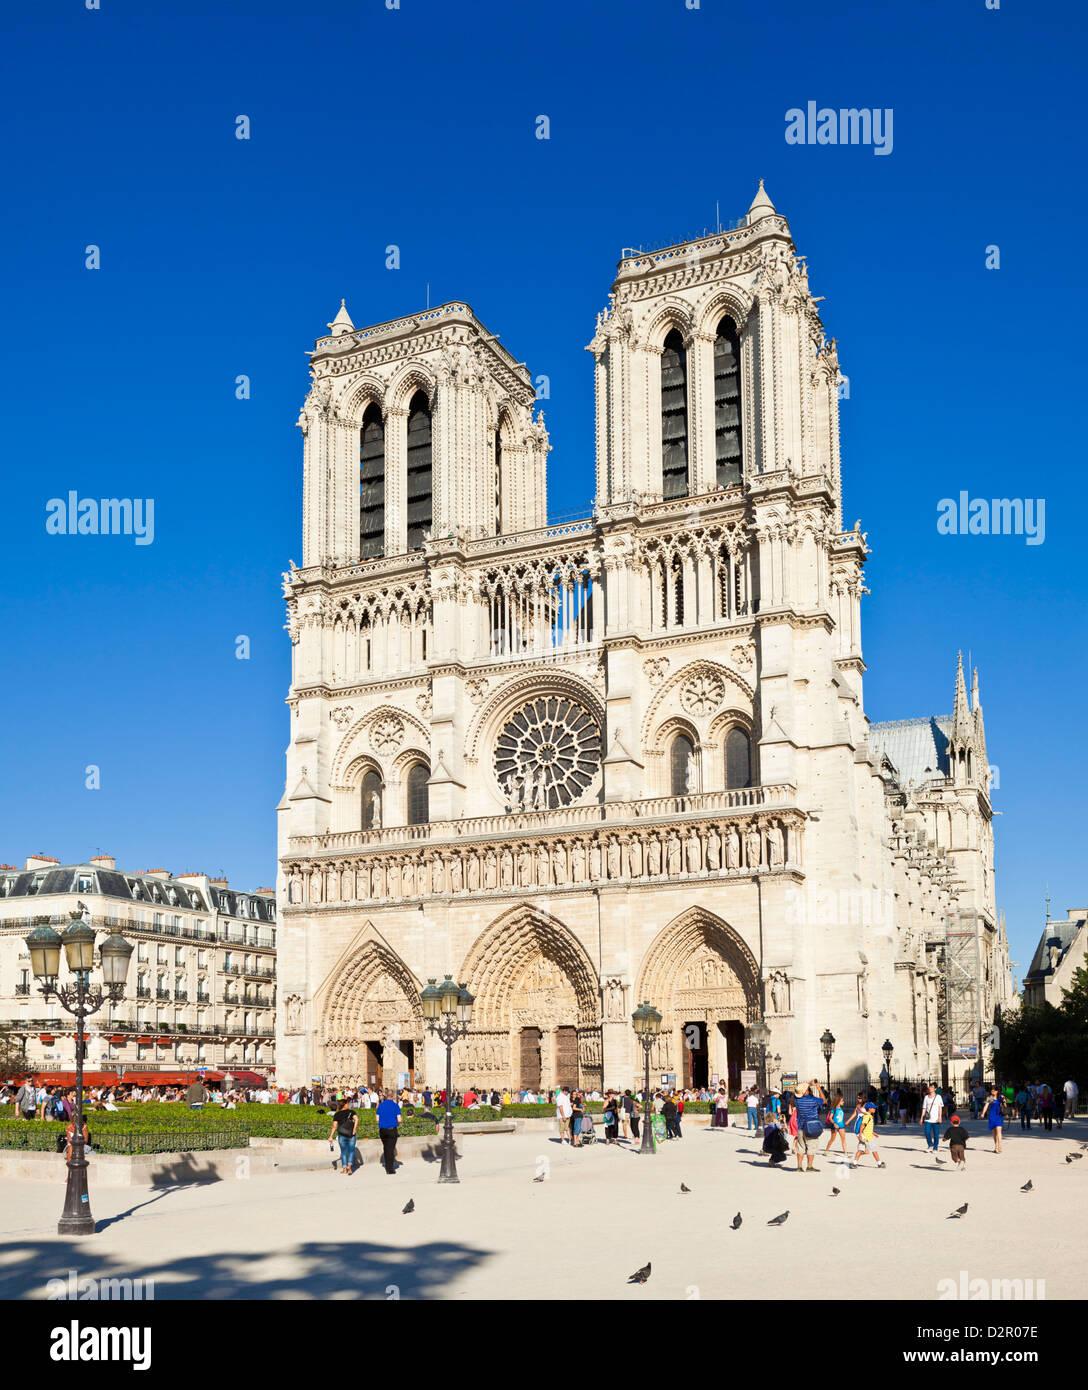 Façade de la Cathédrale Notre Dame, l'Ile de la Cité, Paris, France, Europe Photo Stock